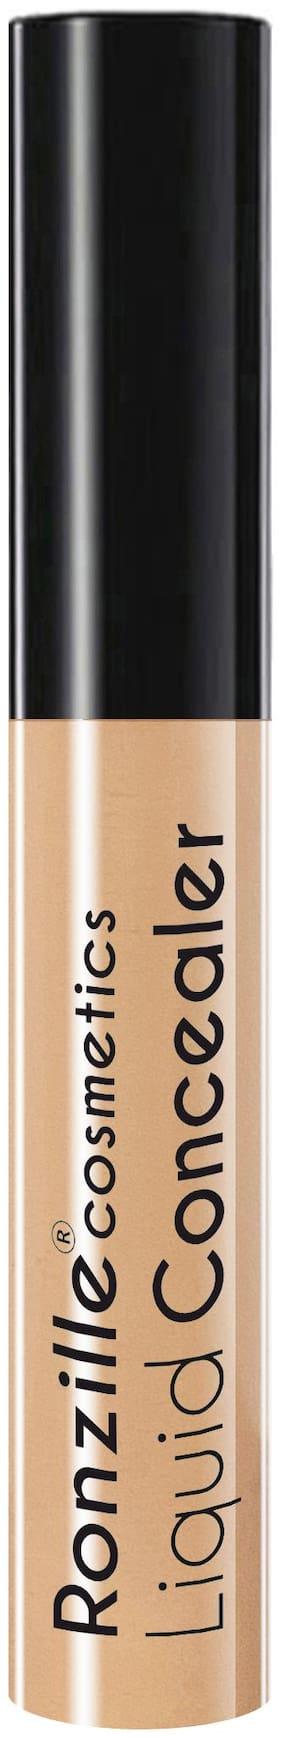 Ronzille Liquid Concealer Granola -03 Concealer (Brown)9ml